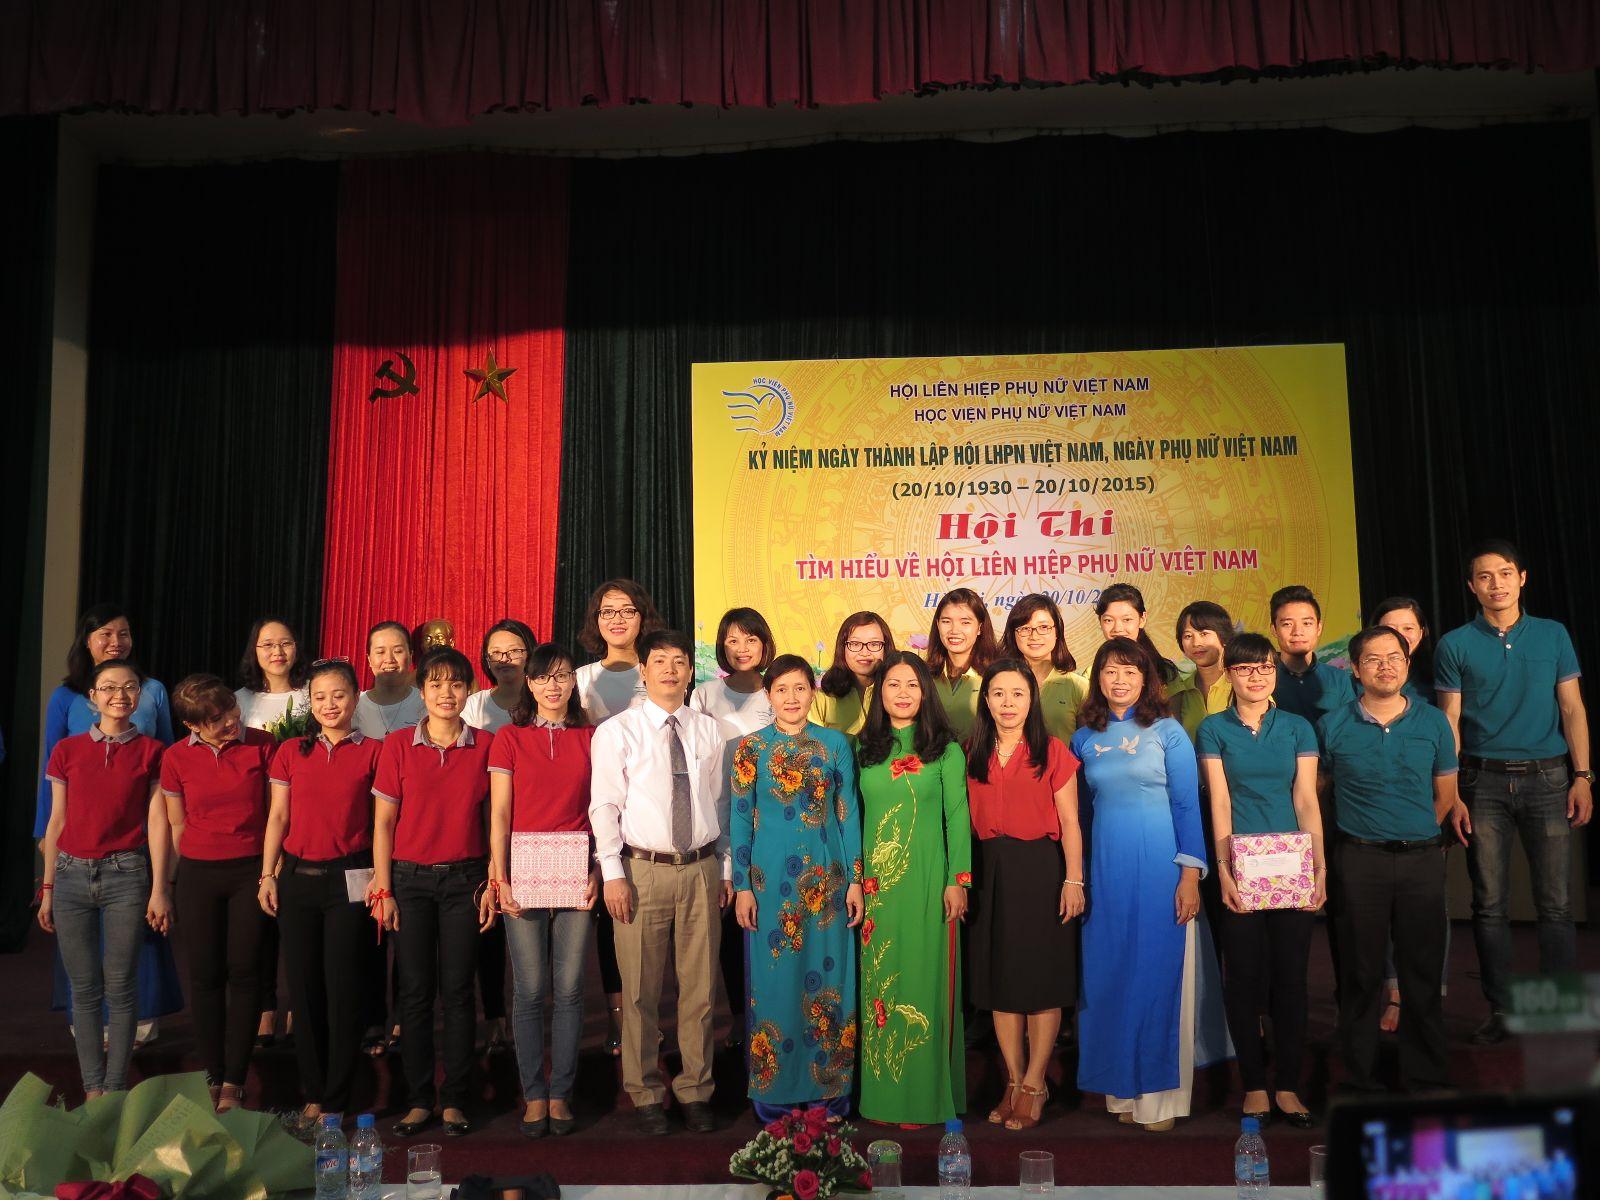 """Lễ kỉ niệm ngày Phụ nữ Việt Nam và Hội thi """"Tìm hiểu về Hội LHPN Việt Nam"""""""